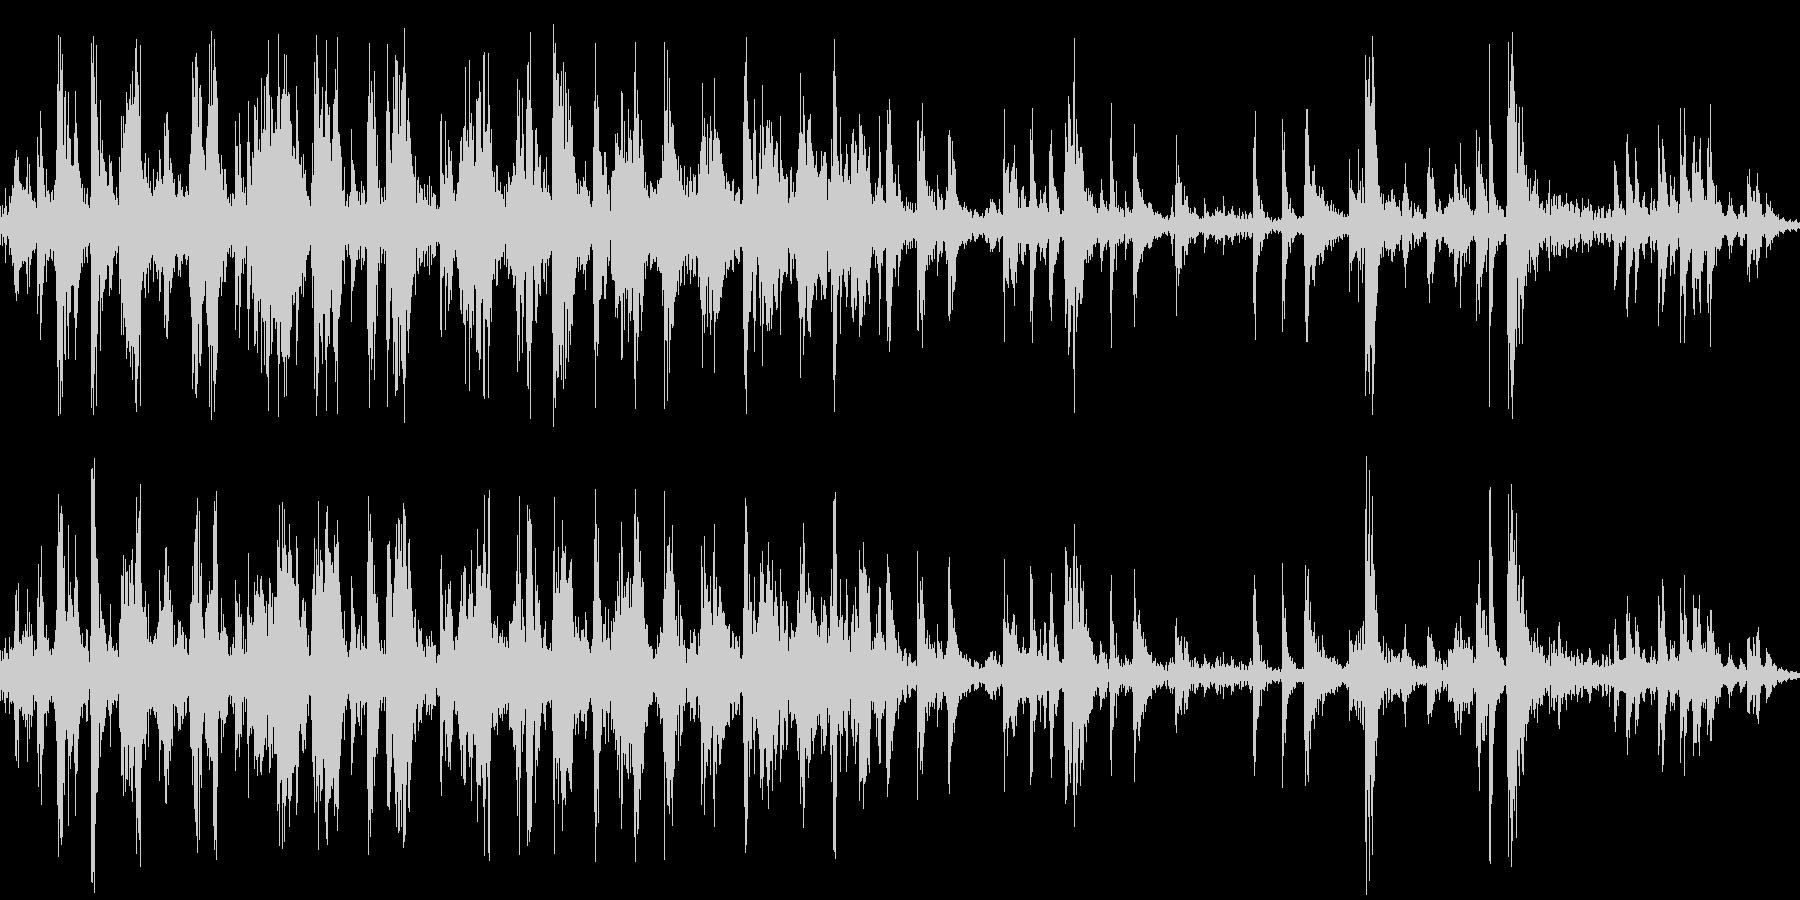 お金の計算(アナログ計算機の音)の未再生の波形